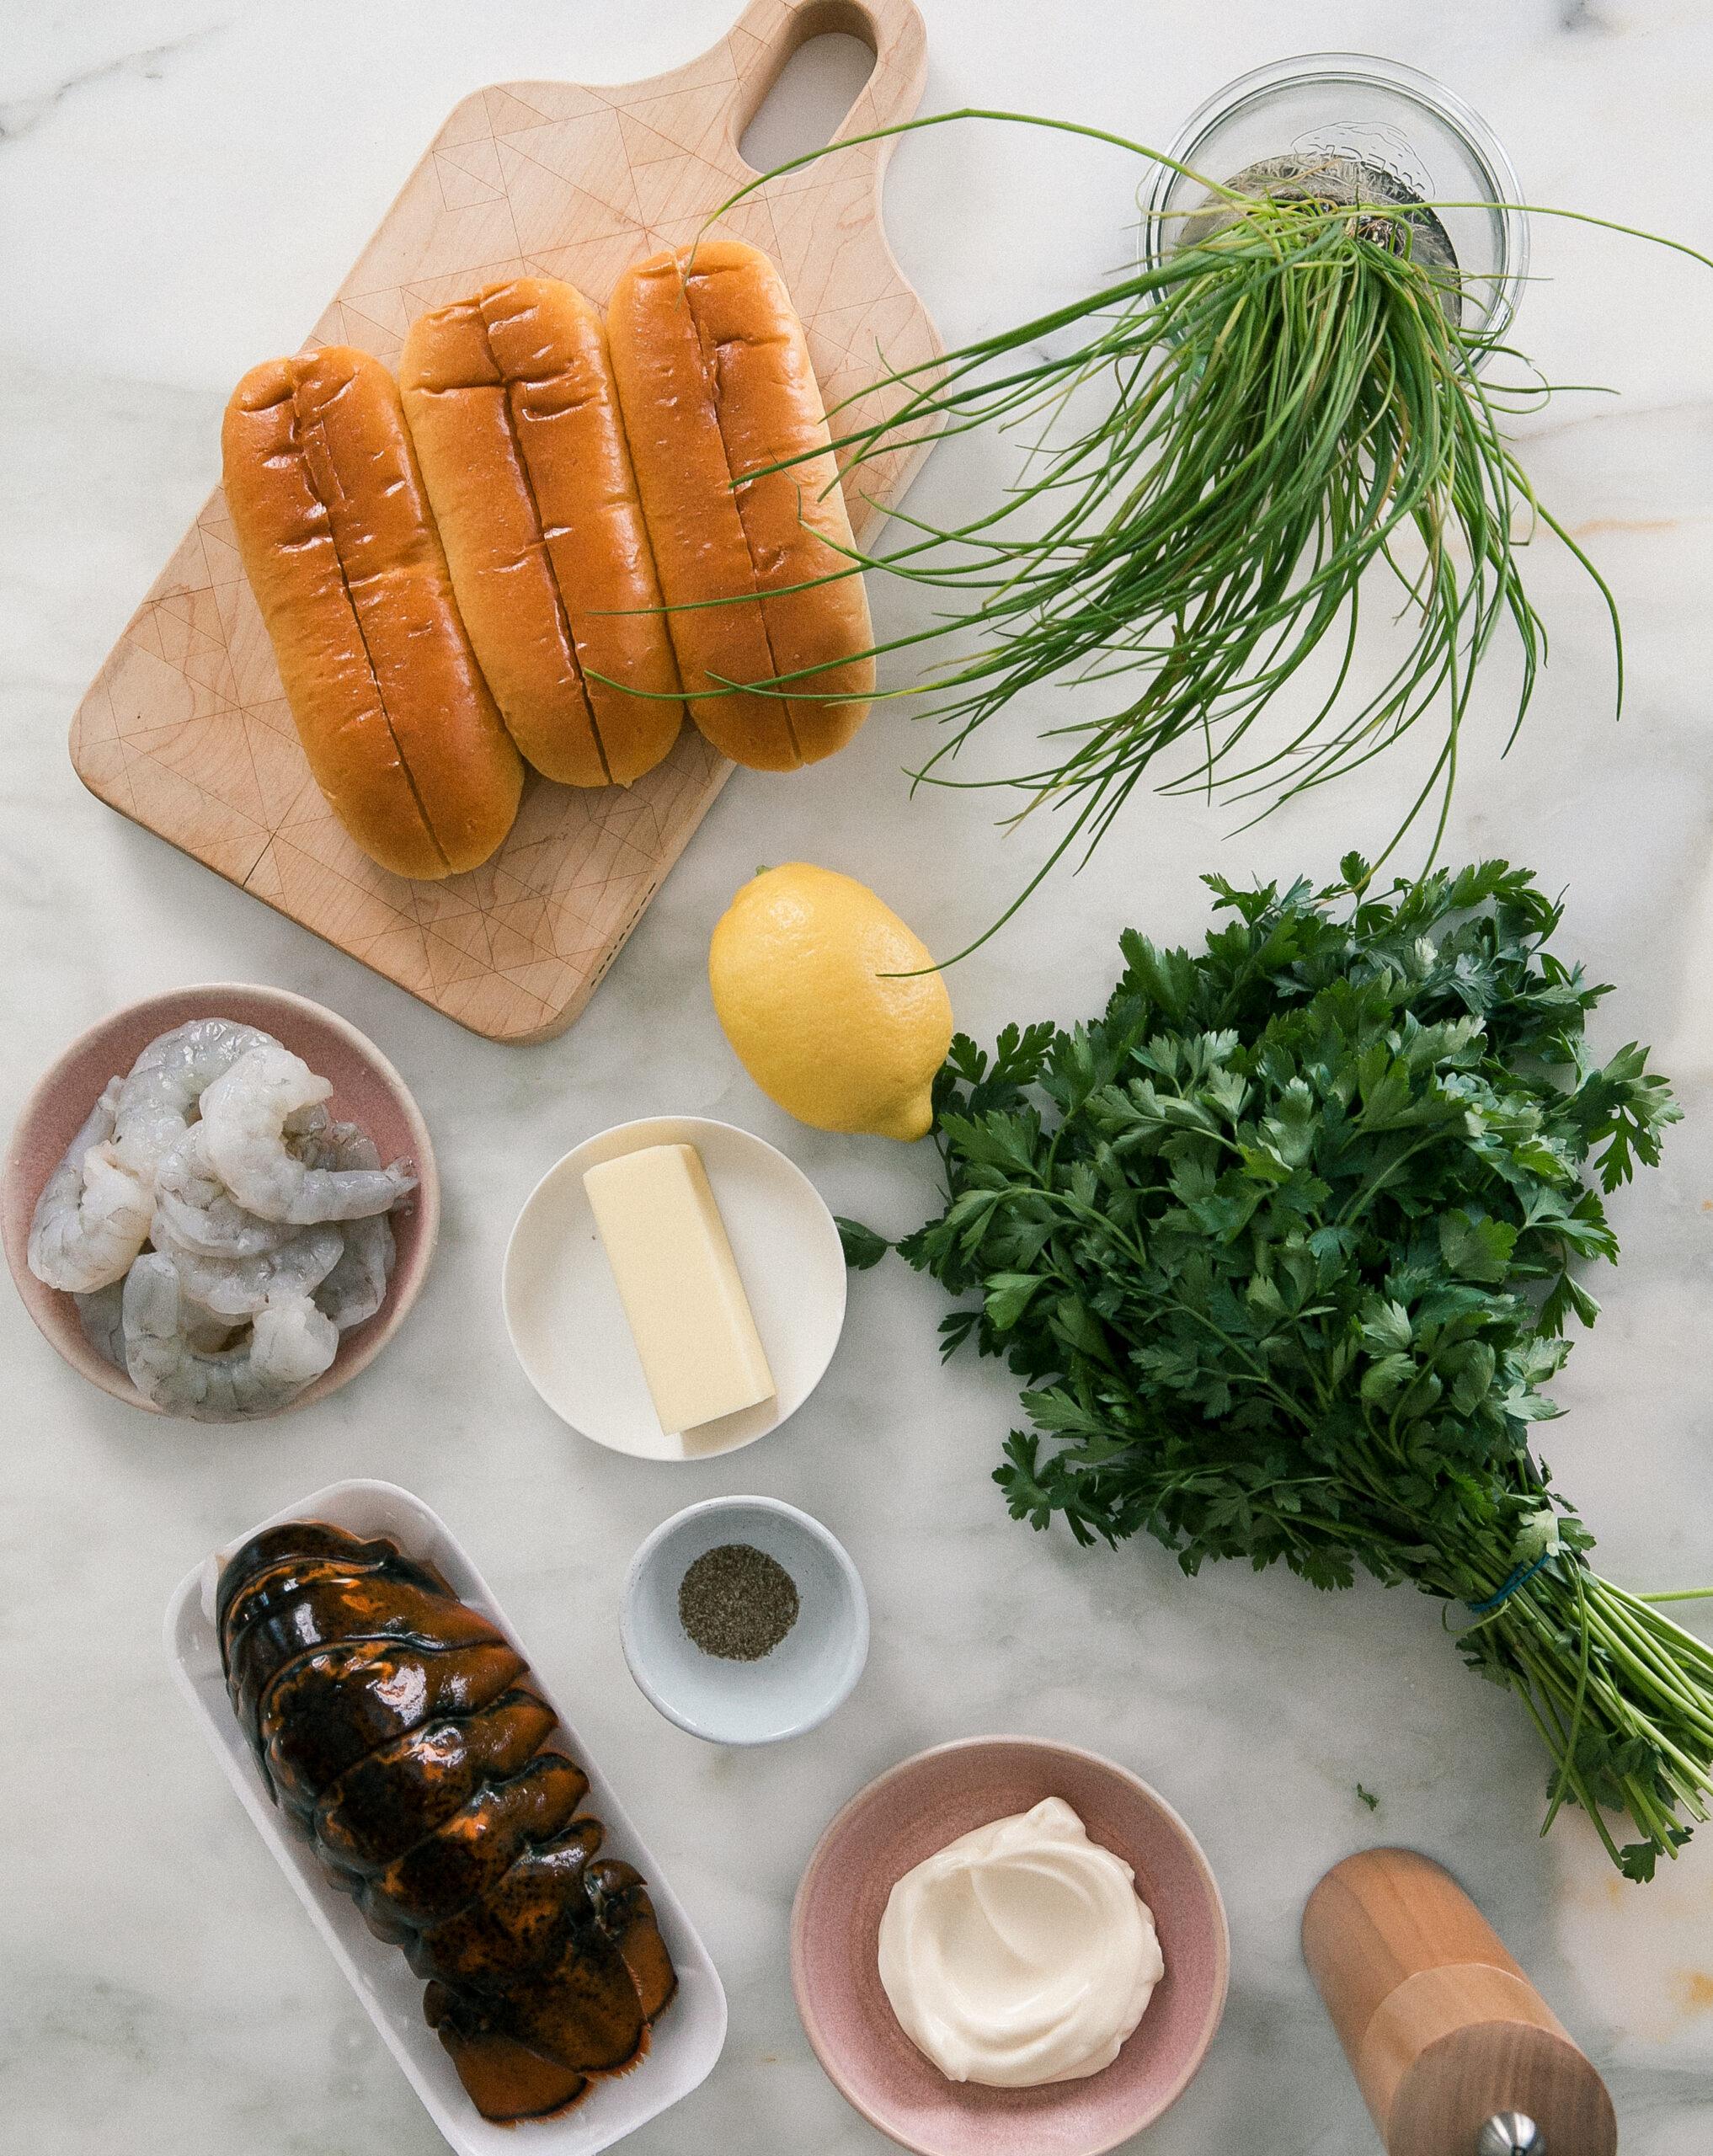 Ingredients - lobster, shrimp, brioche buns